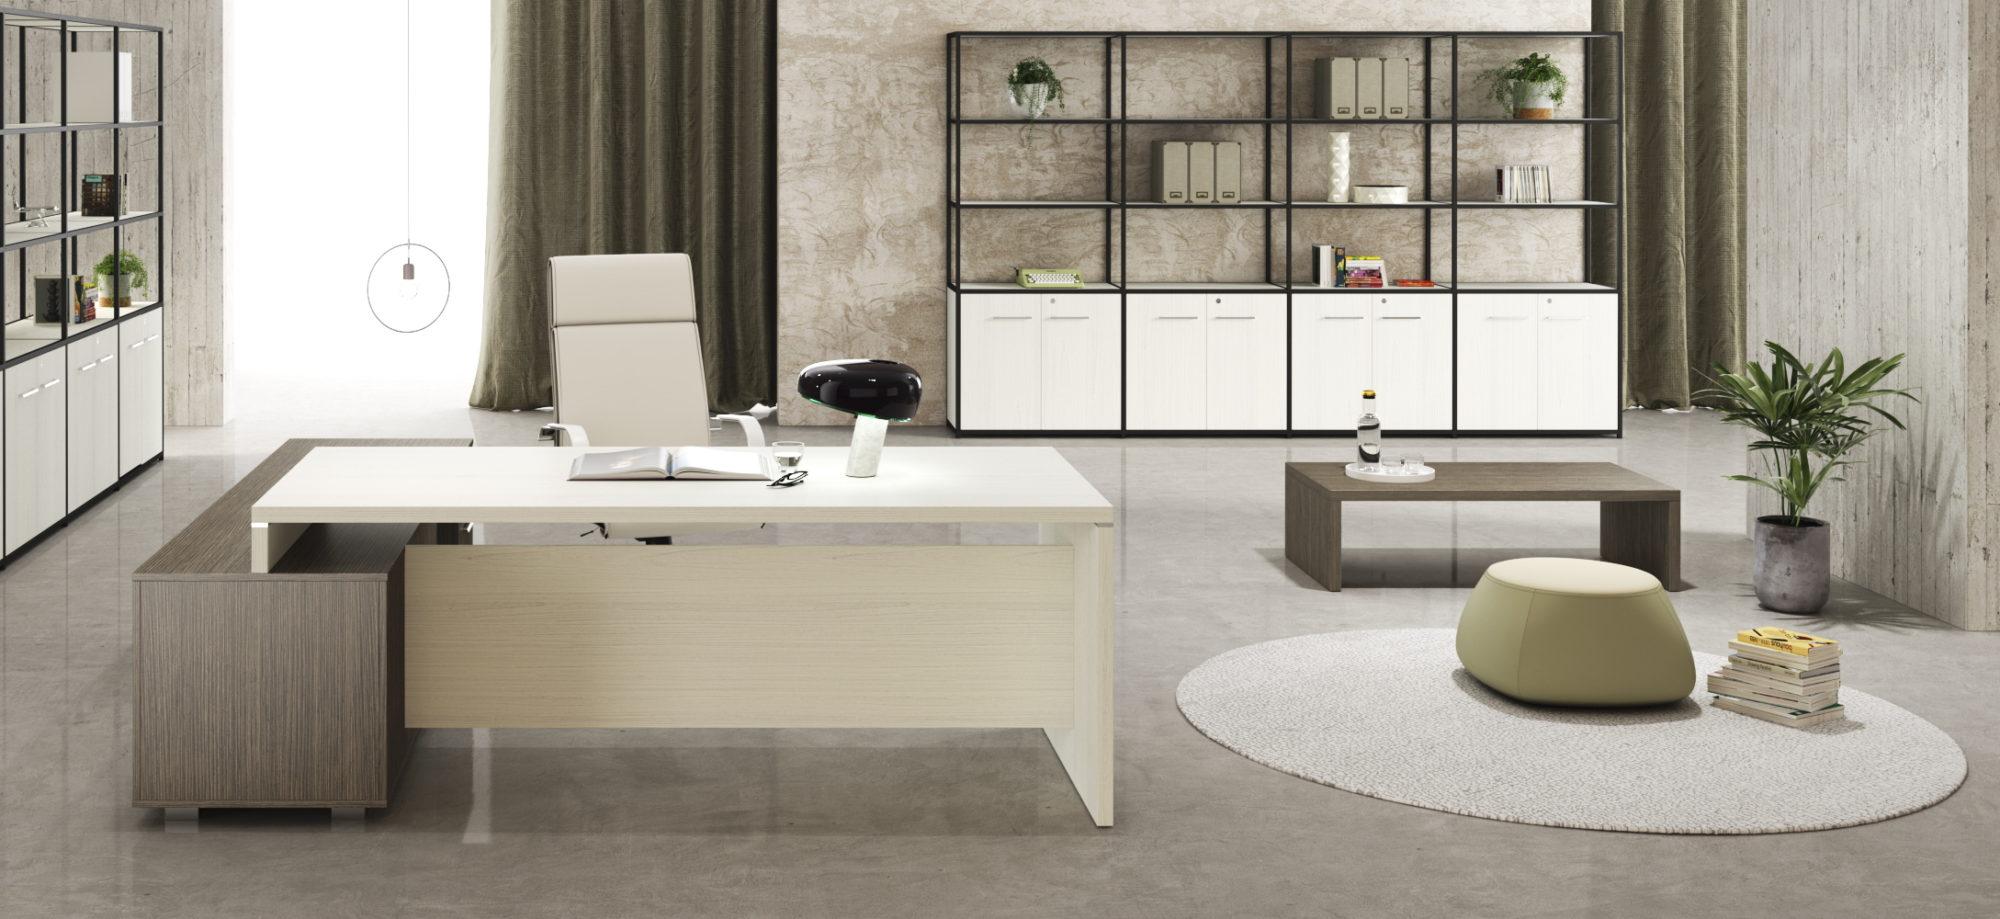 ufficio di design - Arredo Uffici Roma - Idee per arredare ...